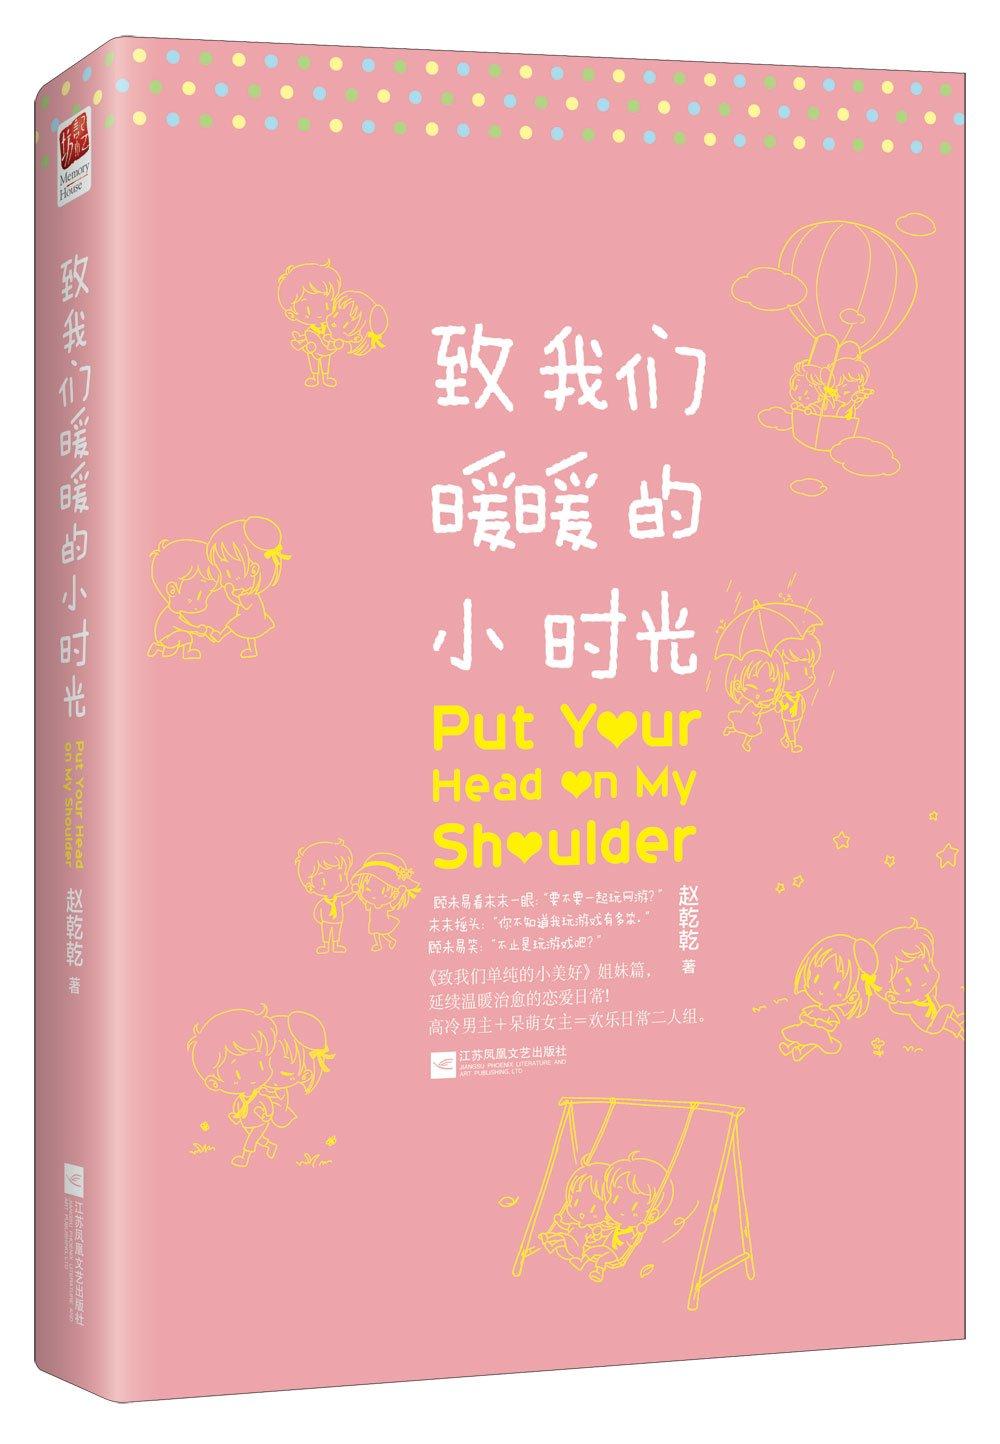 dahuoji Yu Gongzhuqun Booculchaha Twentine Chinese Touching Love Novels Books